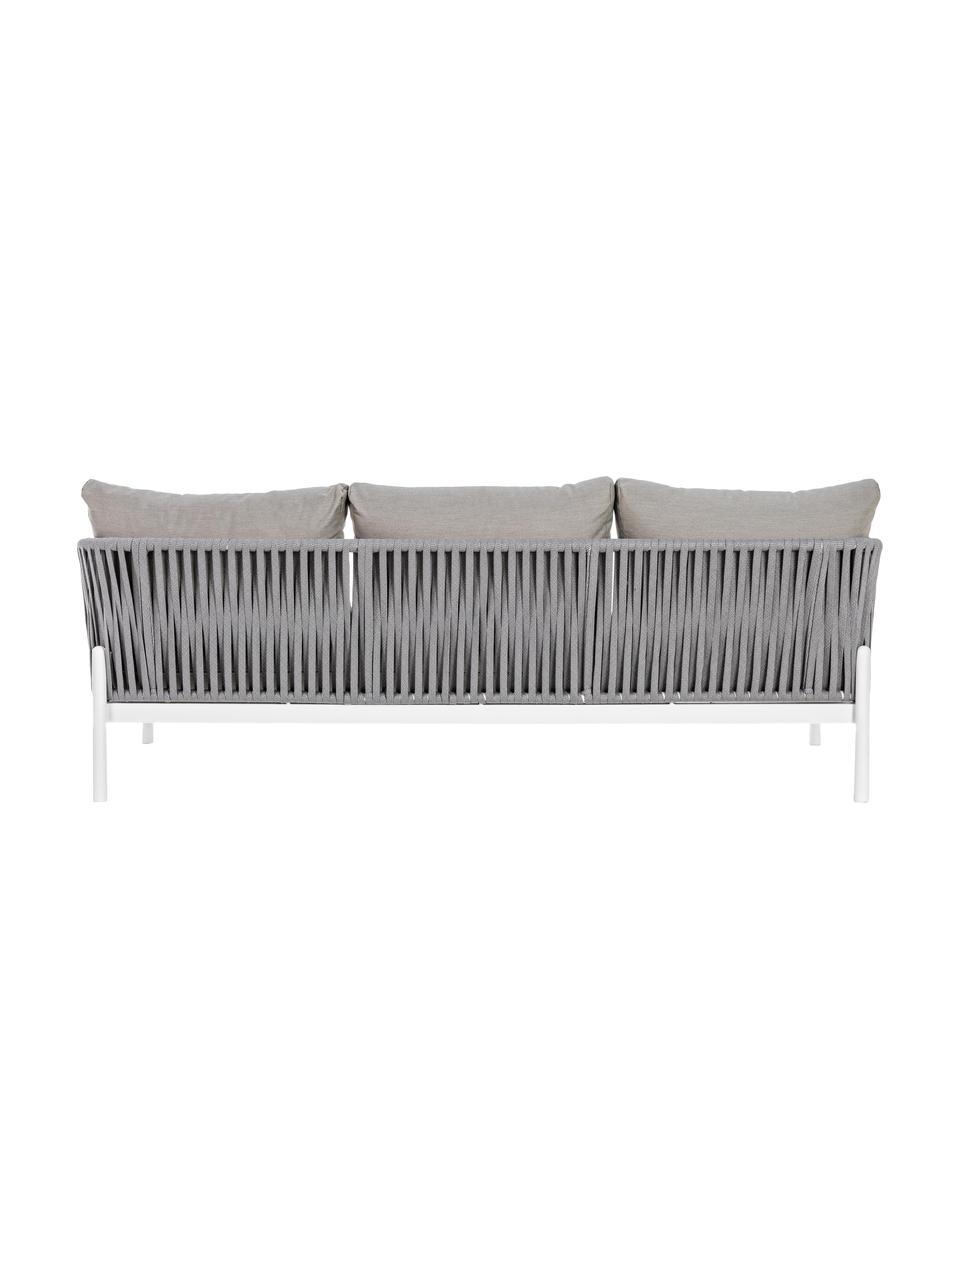 Divano 3 posti da giardino Florencia, Struttura: alluminio verniciato a po, Seduta: poliestere, Grigio, bianco, Larg. 220 x Prof. 85 cm